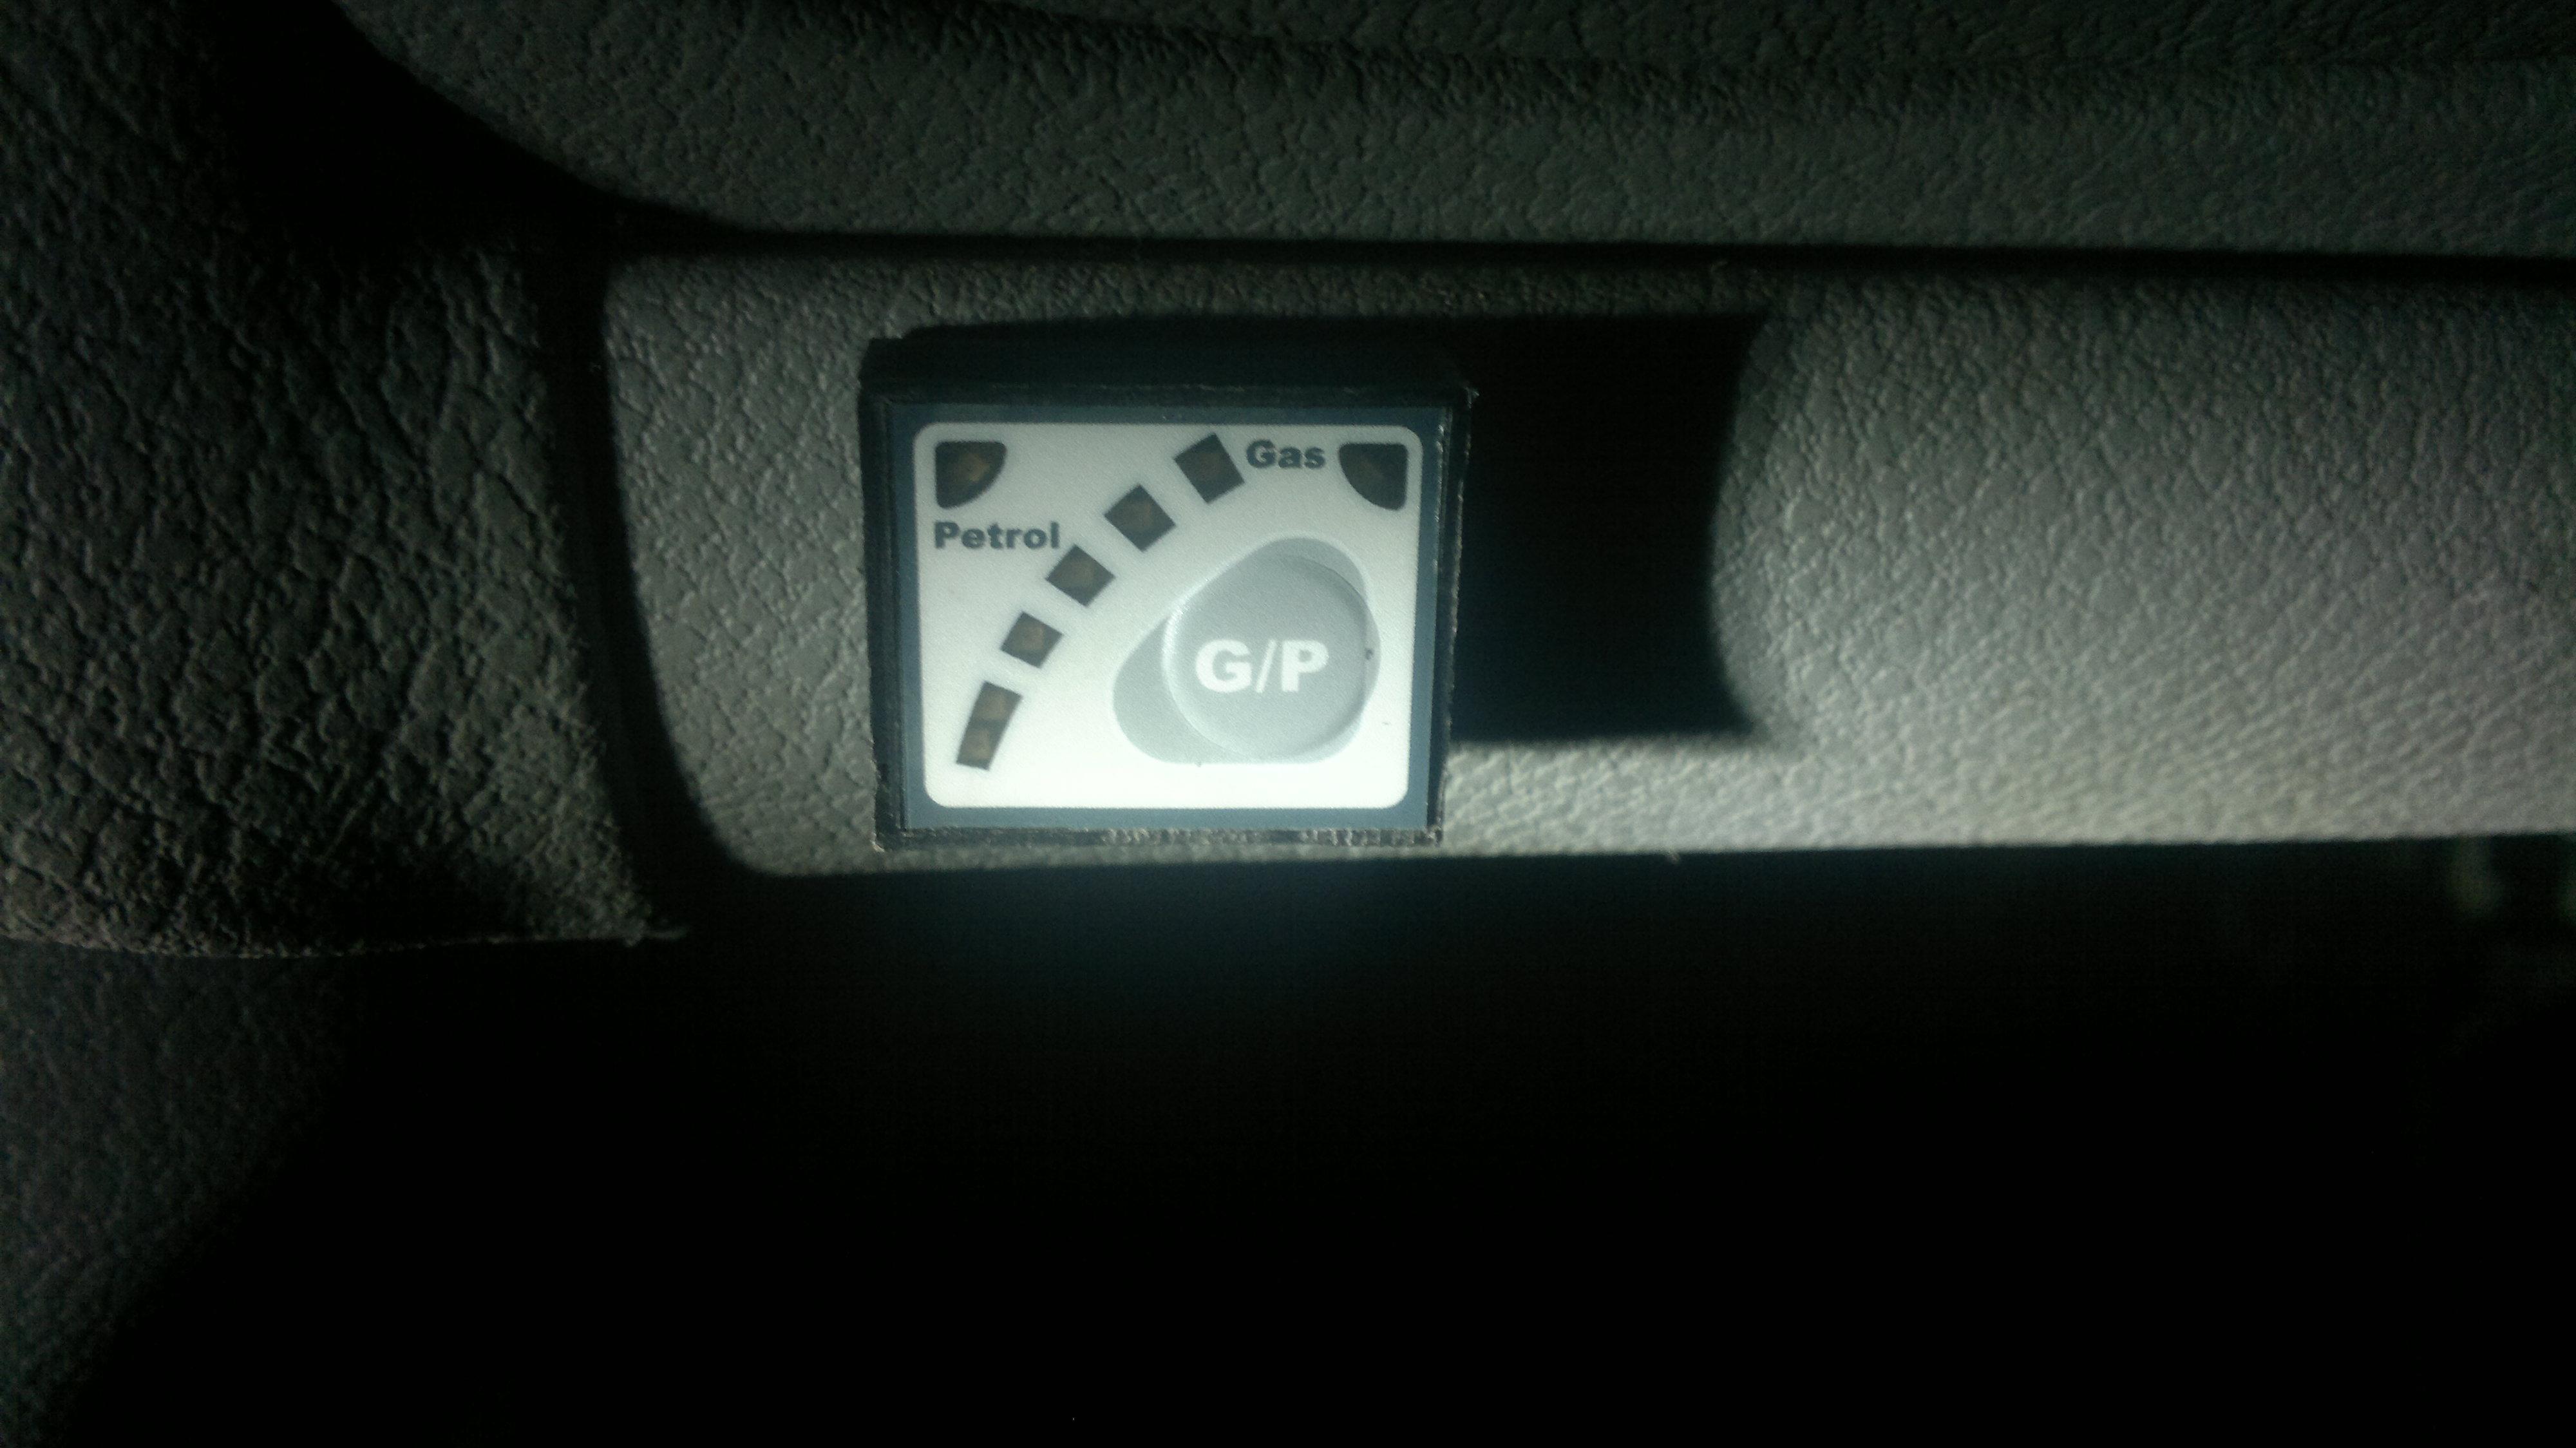 Centralka DT GAS wymiana - DT GAS gt04s potrzebne foto wtyczki